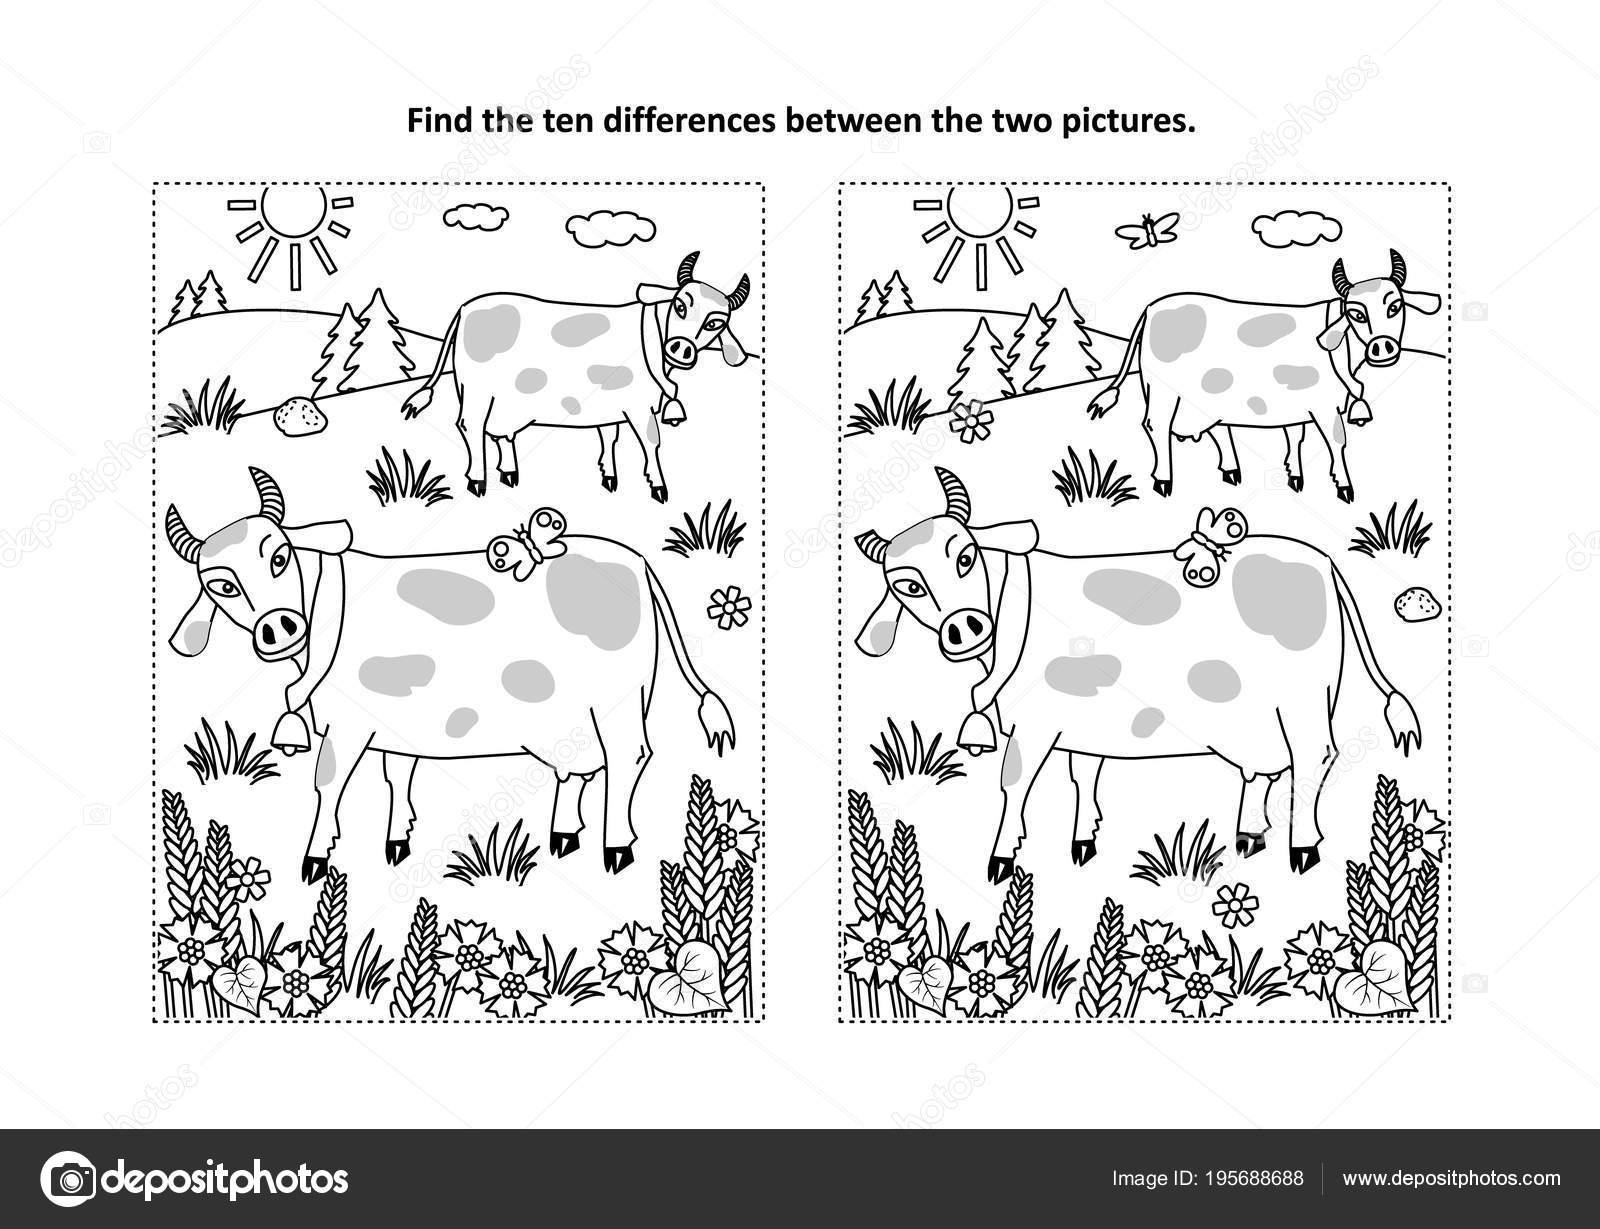 Farklılıklar Resimli Bulmaca Benekli Süt Inekleri Boyama Sayfası